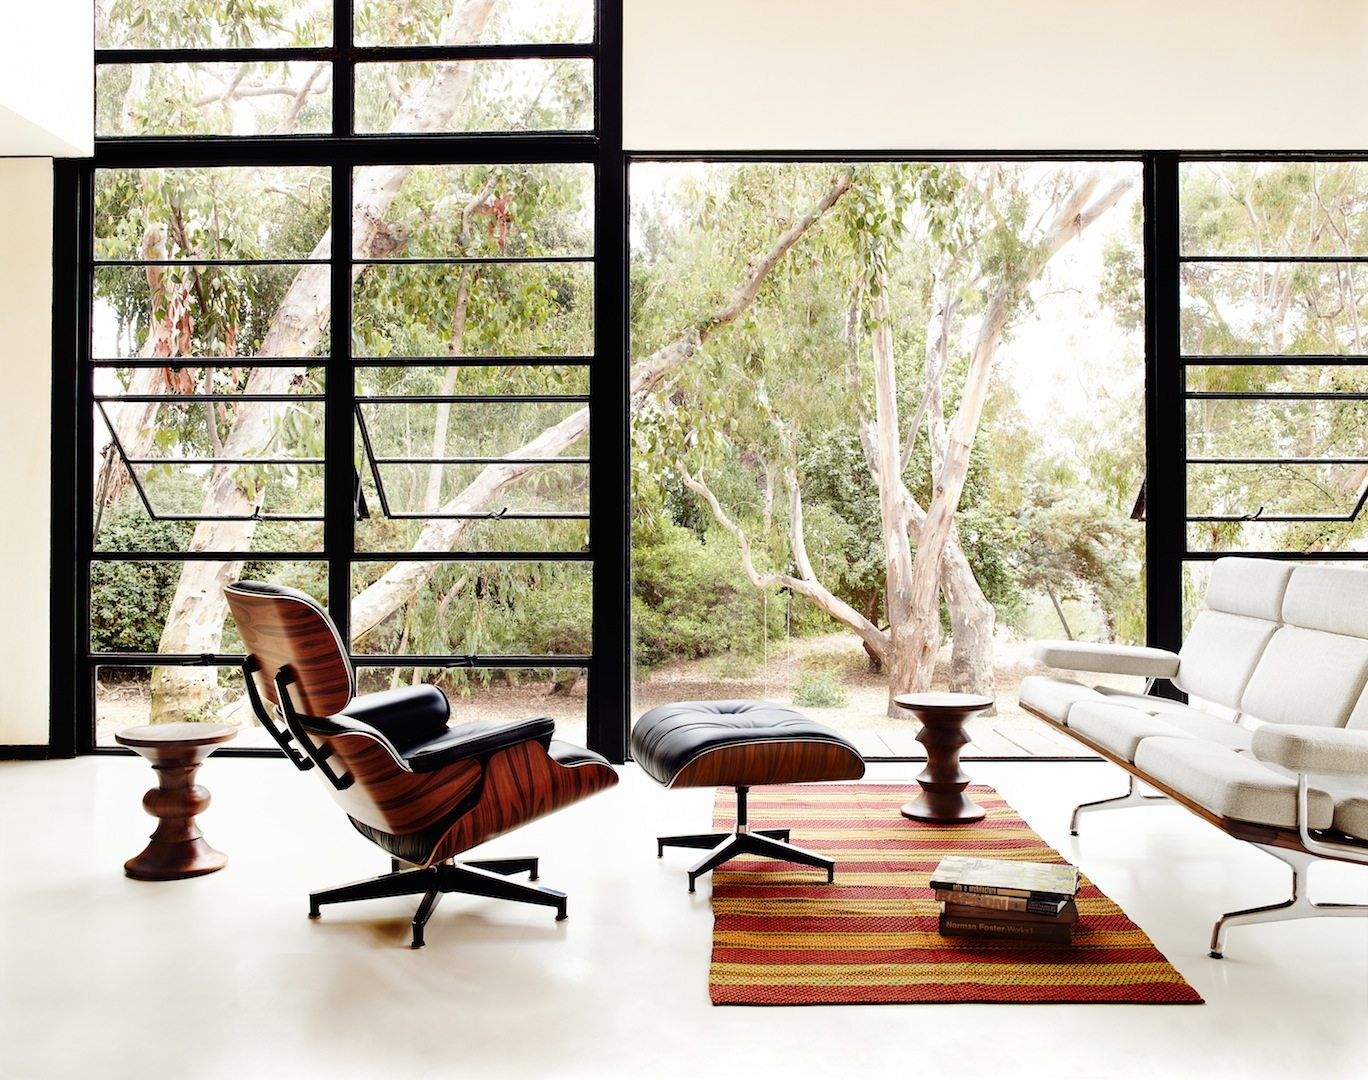 Das Lebenswerk der Design-Legenden Charles und Ray Eames